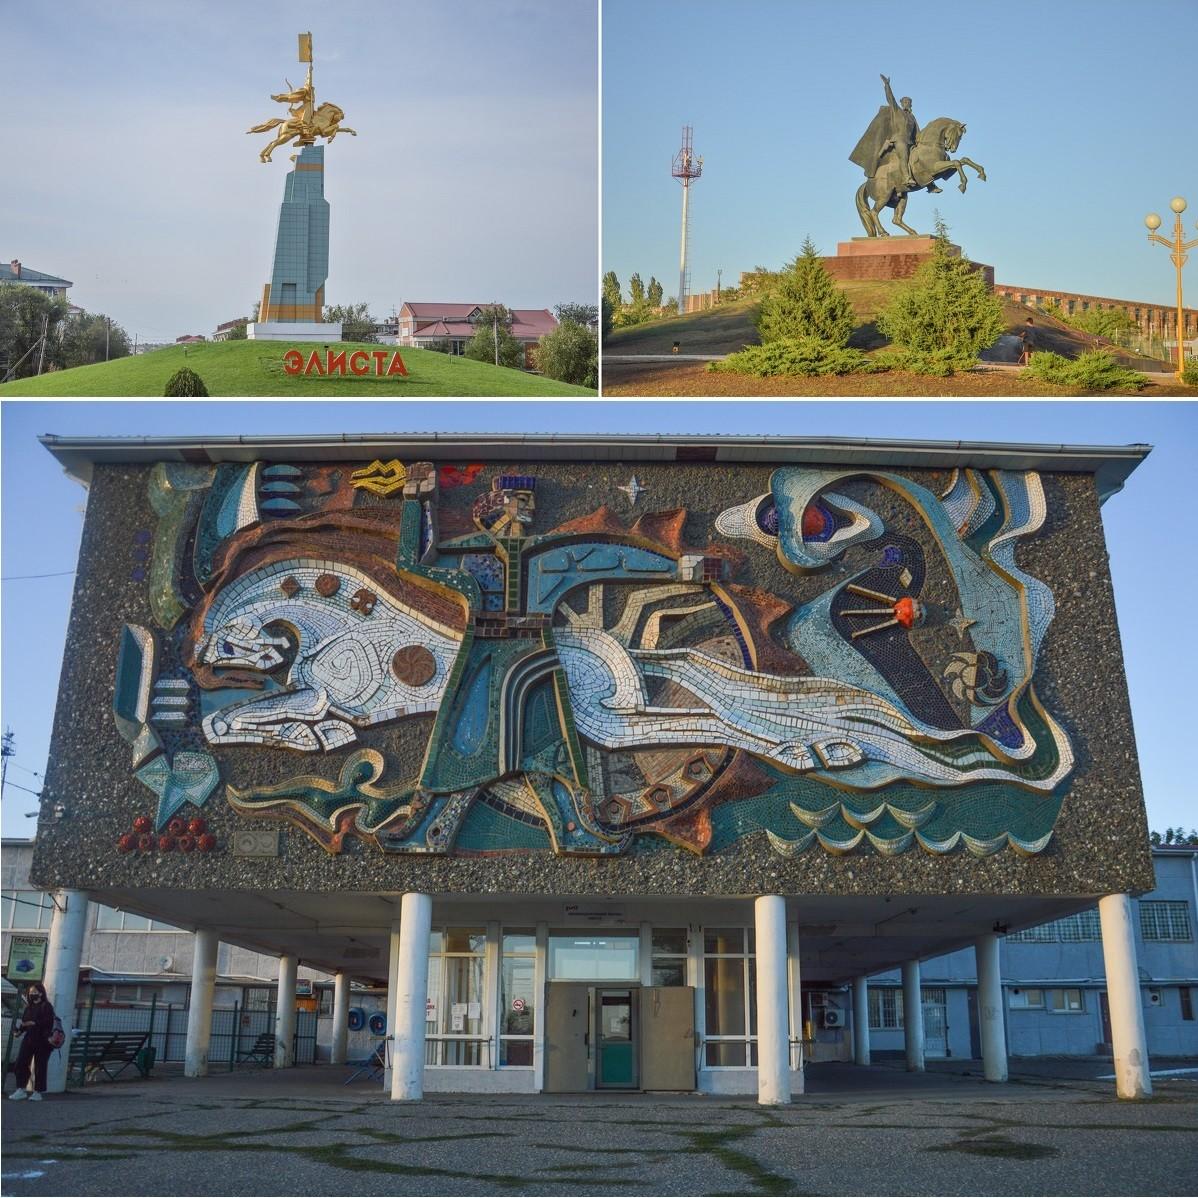 Le cheval, symbole du nomadisme, est omniprésent dans Elista, qu'il s'agisse de statues ou d'une sublime mosaïque soviétique sur la façade de la gare ferroviaire.